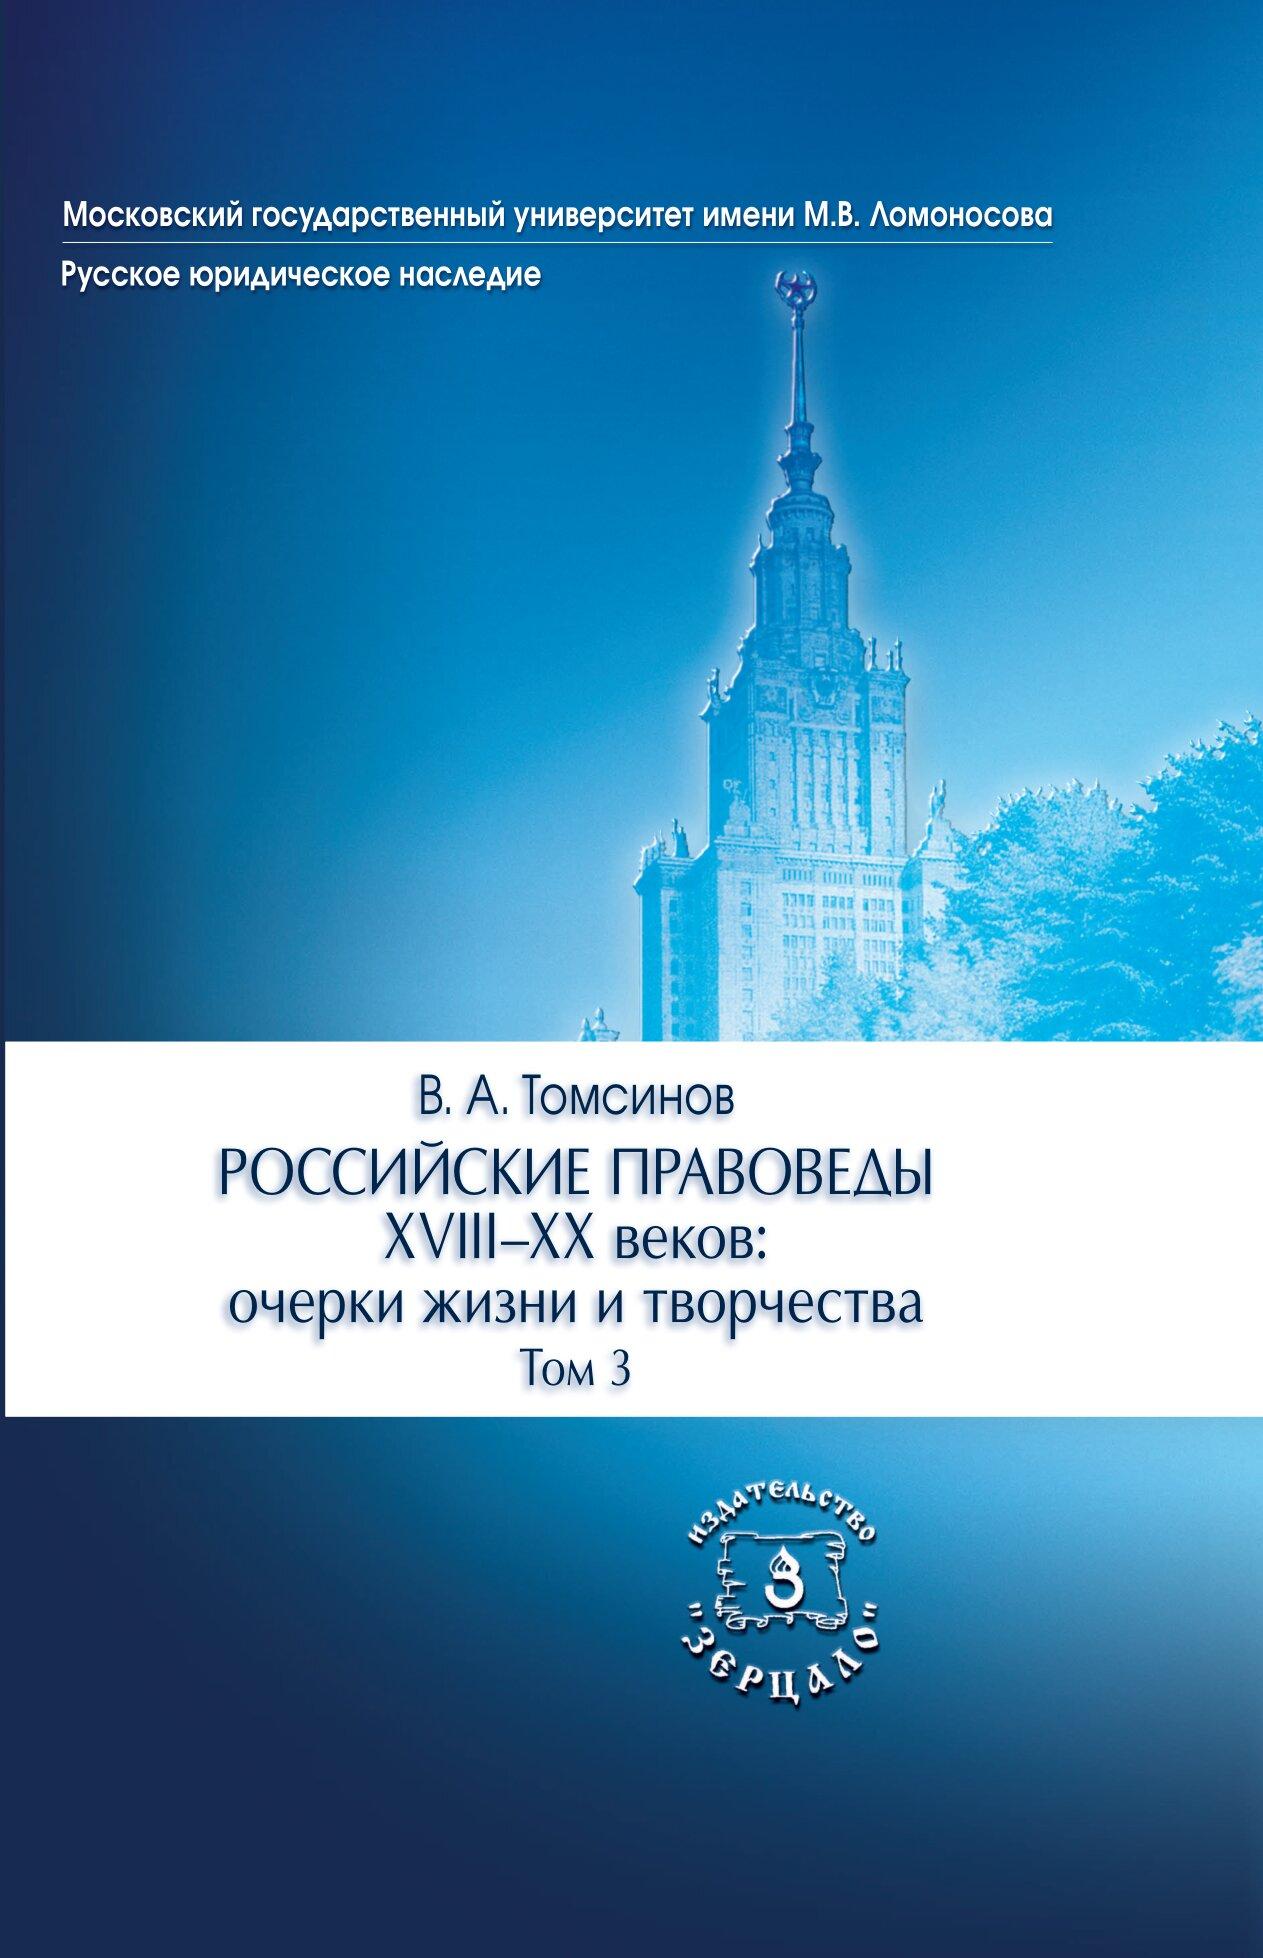 Российские правоведы XVIII–XX веков. Том 3